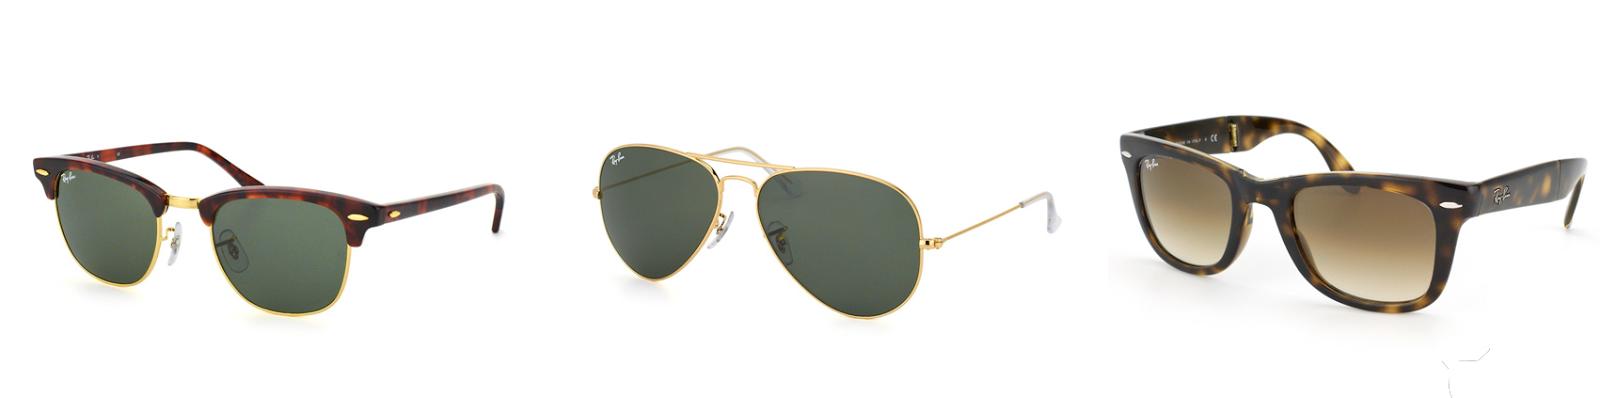 lunettes de soleil ray ban